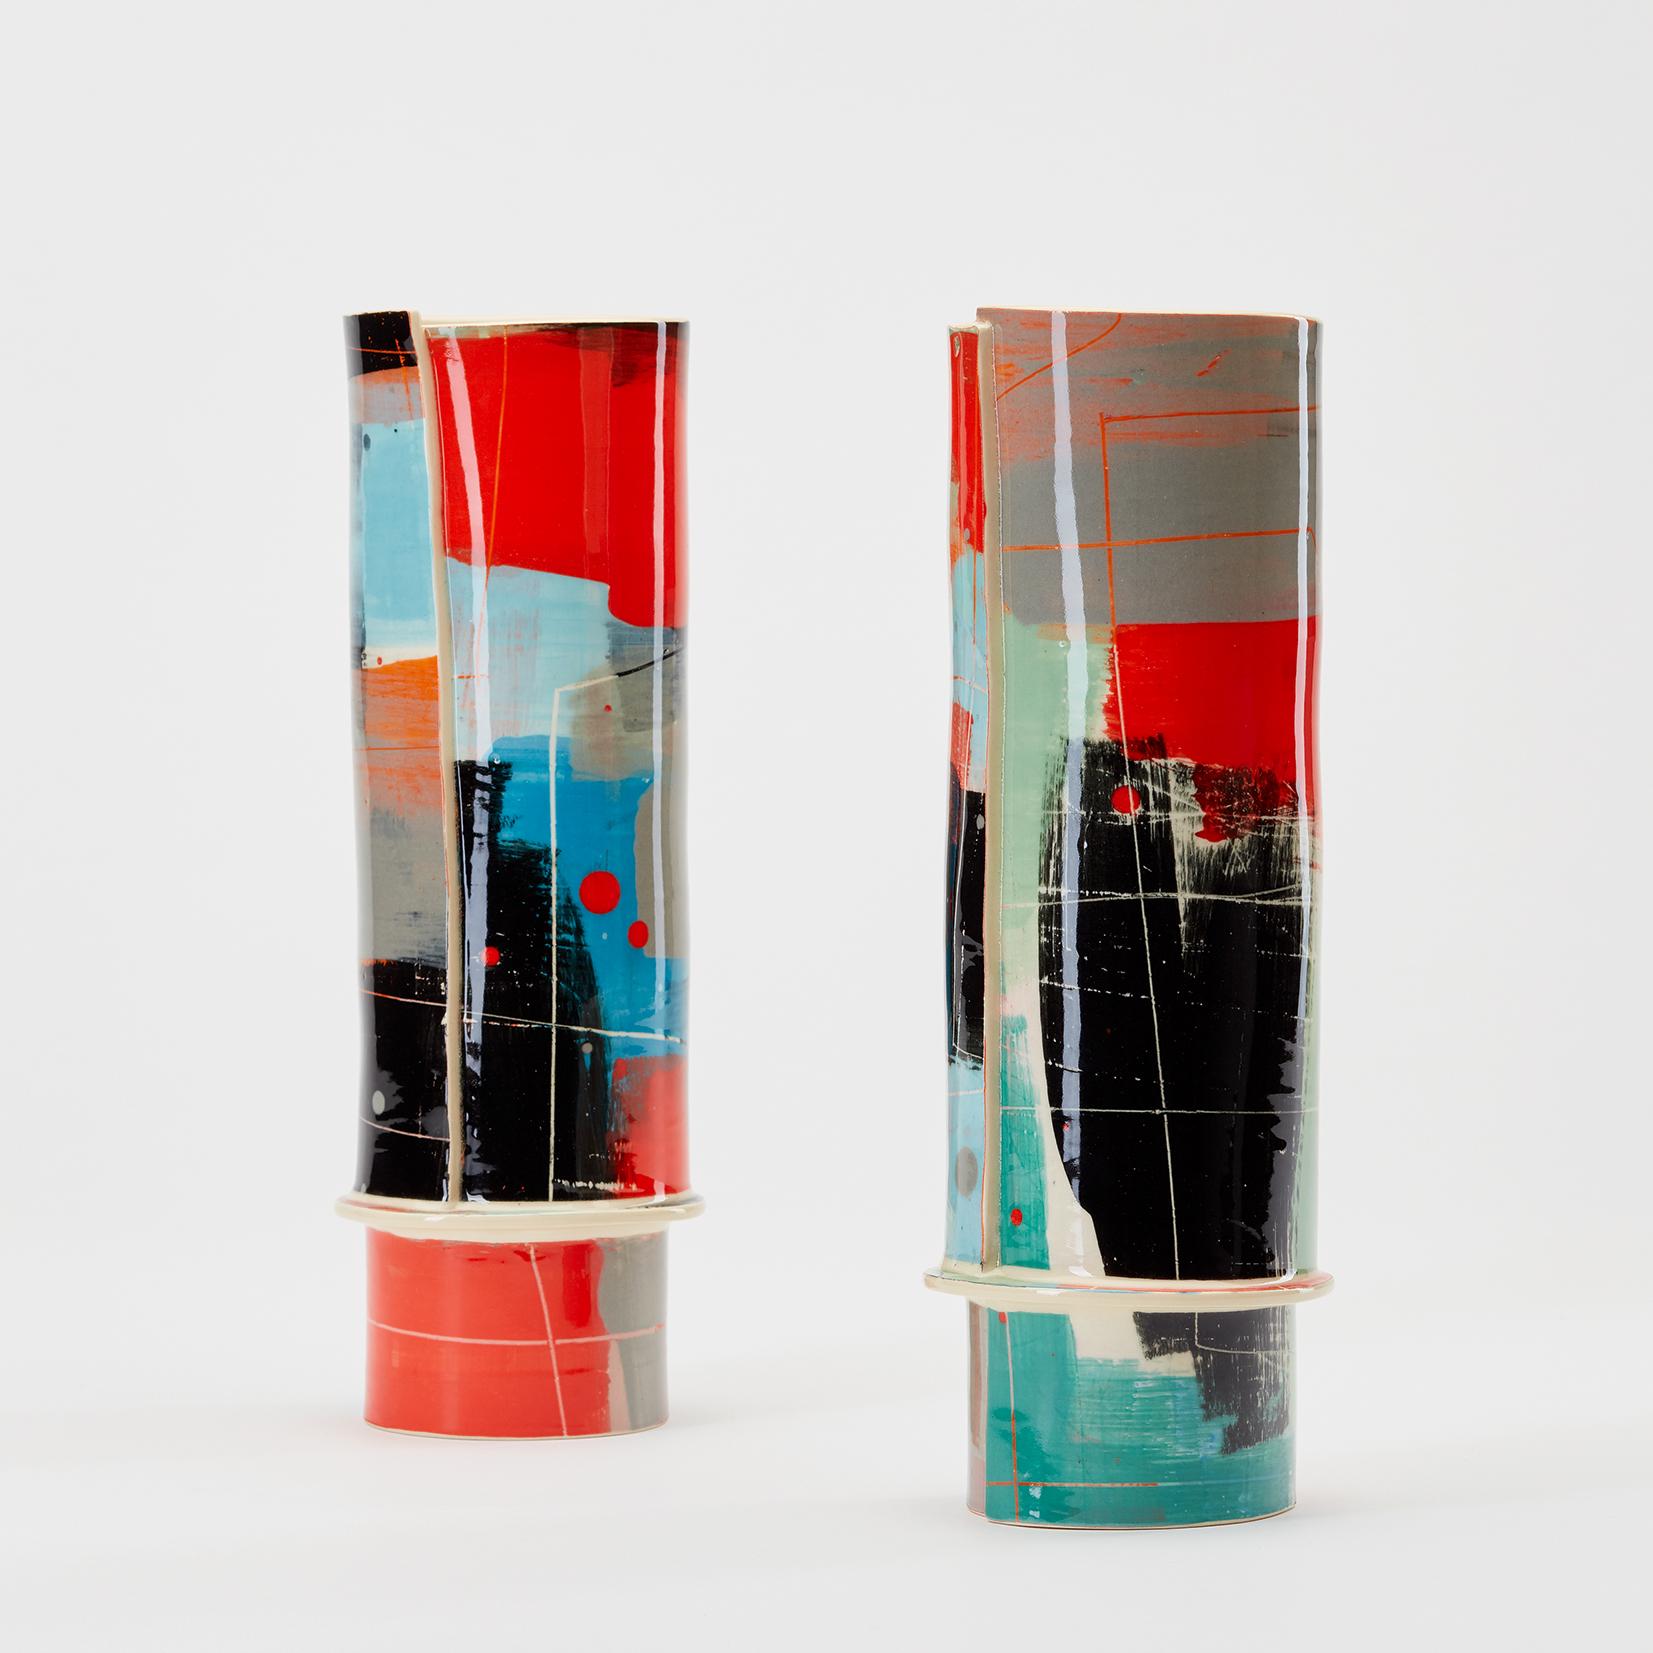 Capriccio Vases